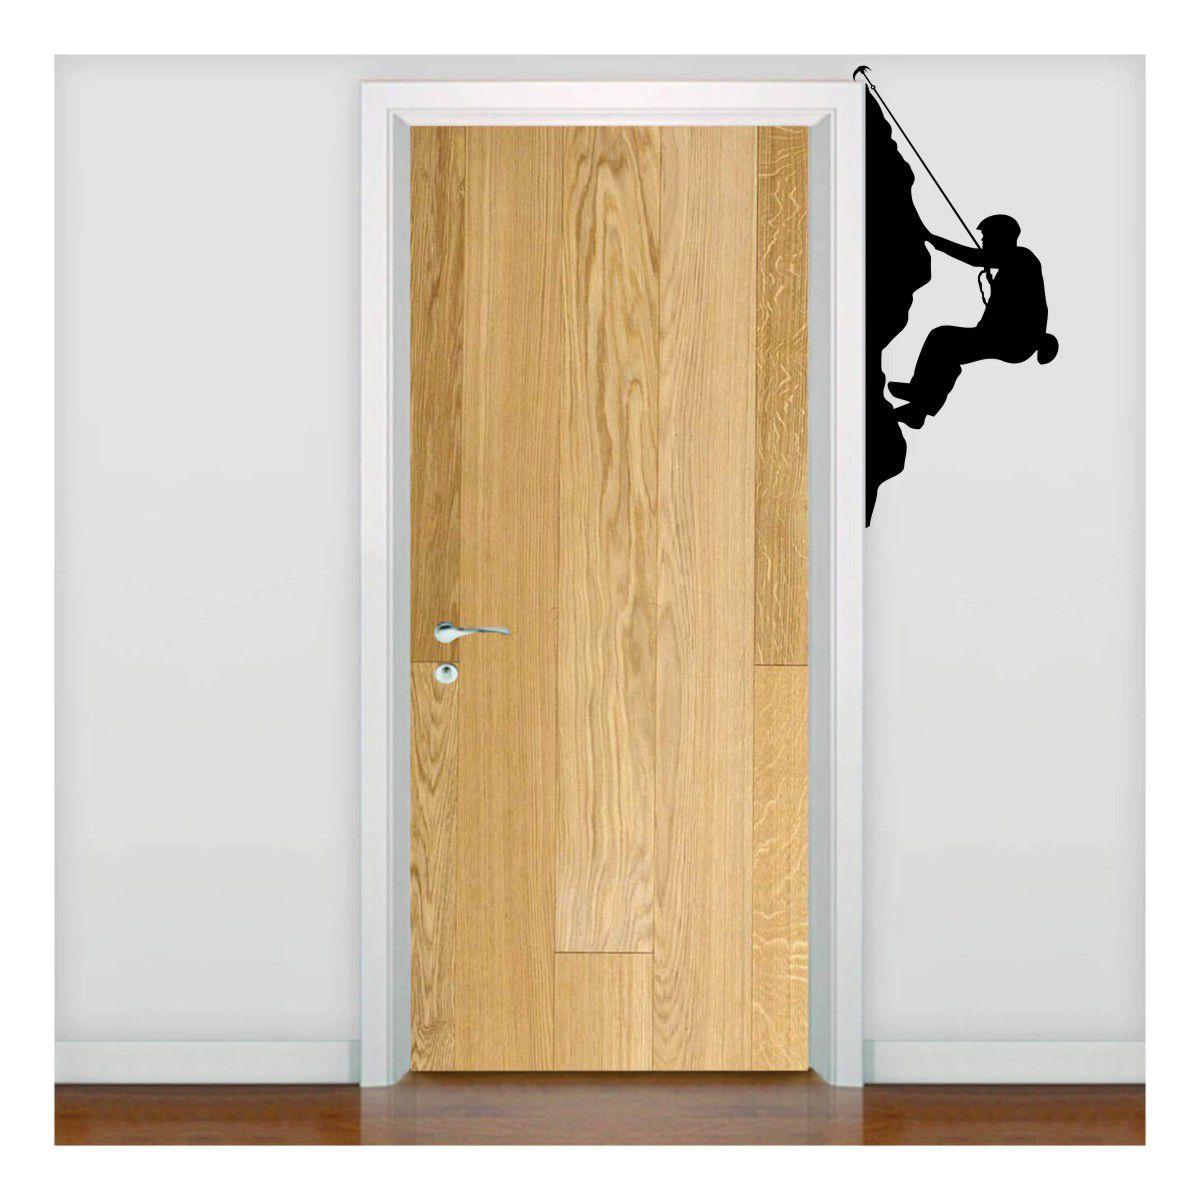 Adesivo Escalada para canto de porta ou Janela